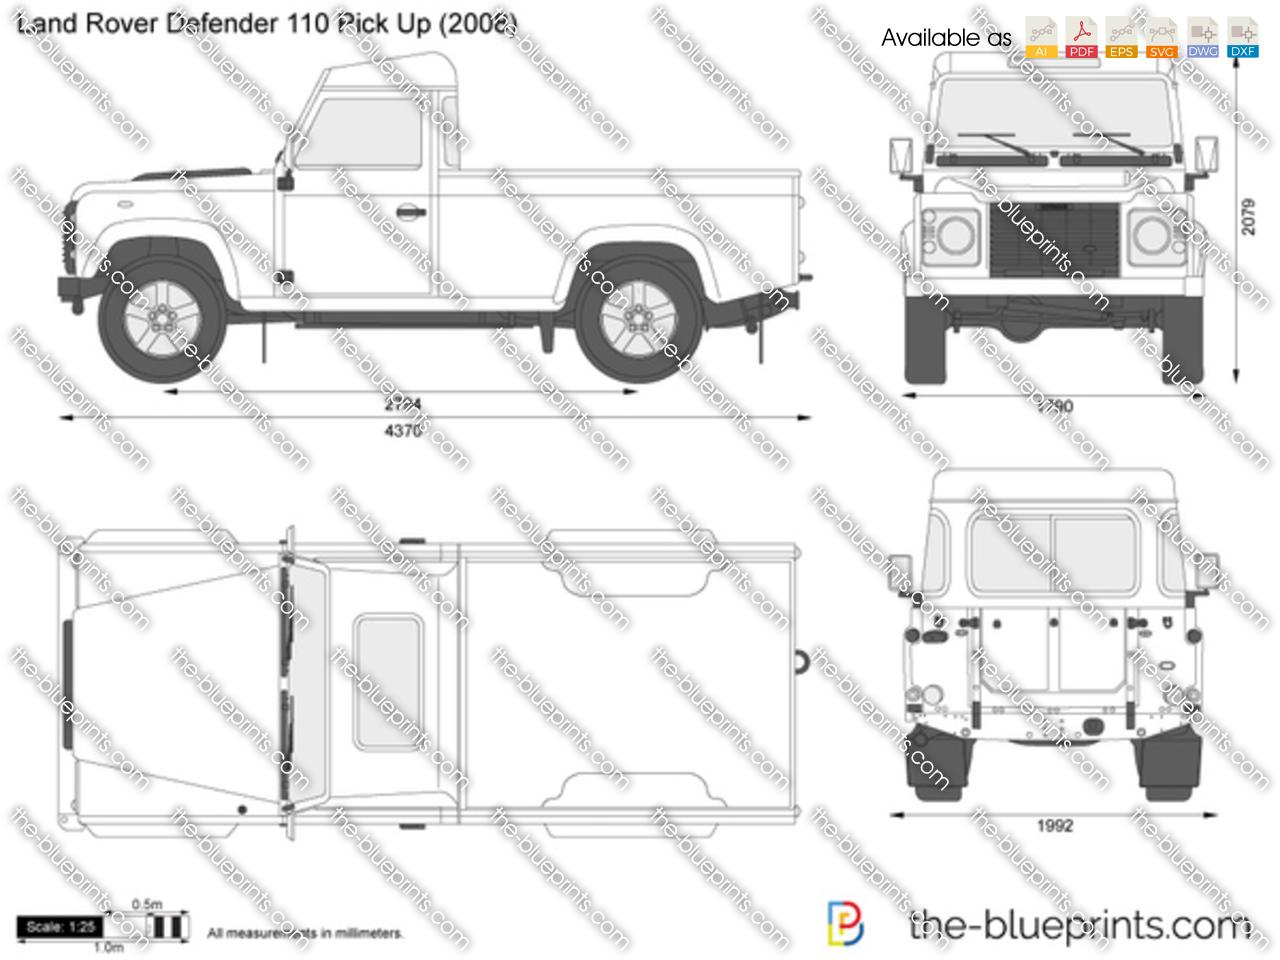 Land Rover Defender 110 Pick Up 2009